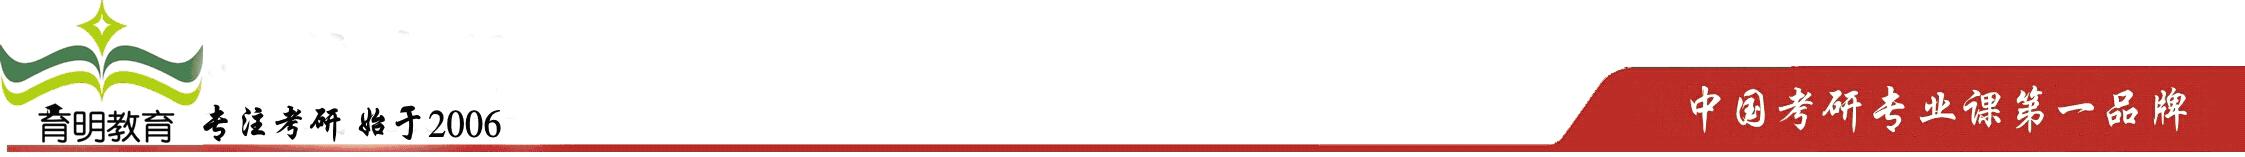 2014年中国传媒大学 考研笔记资料 考研经验  考试技巧《二外日语》考试大纲